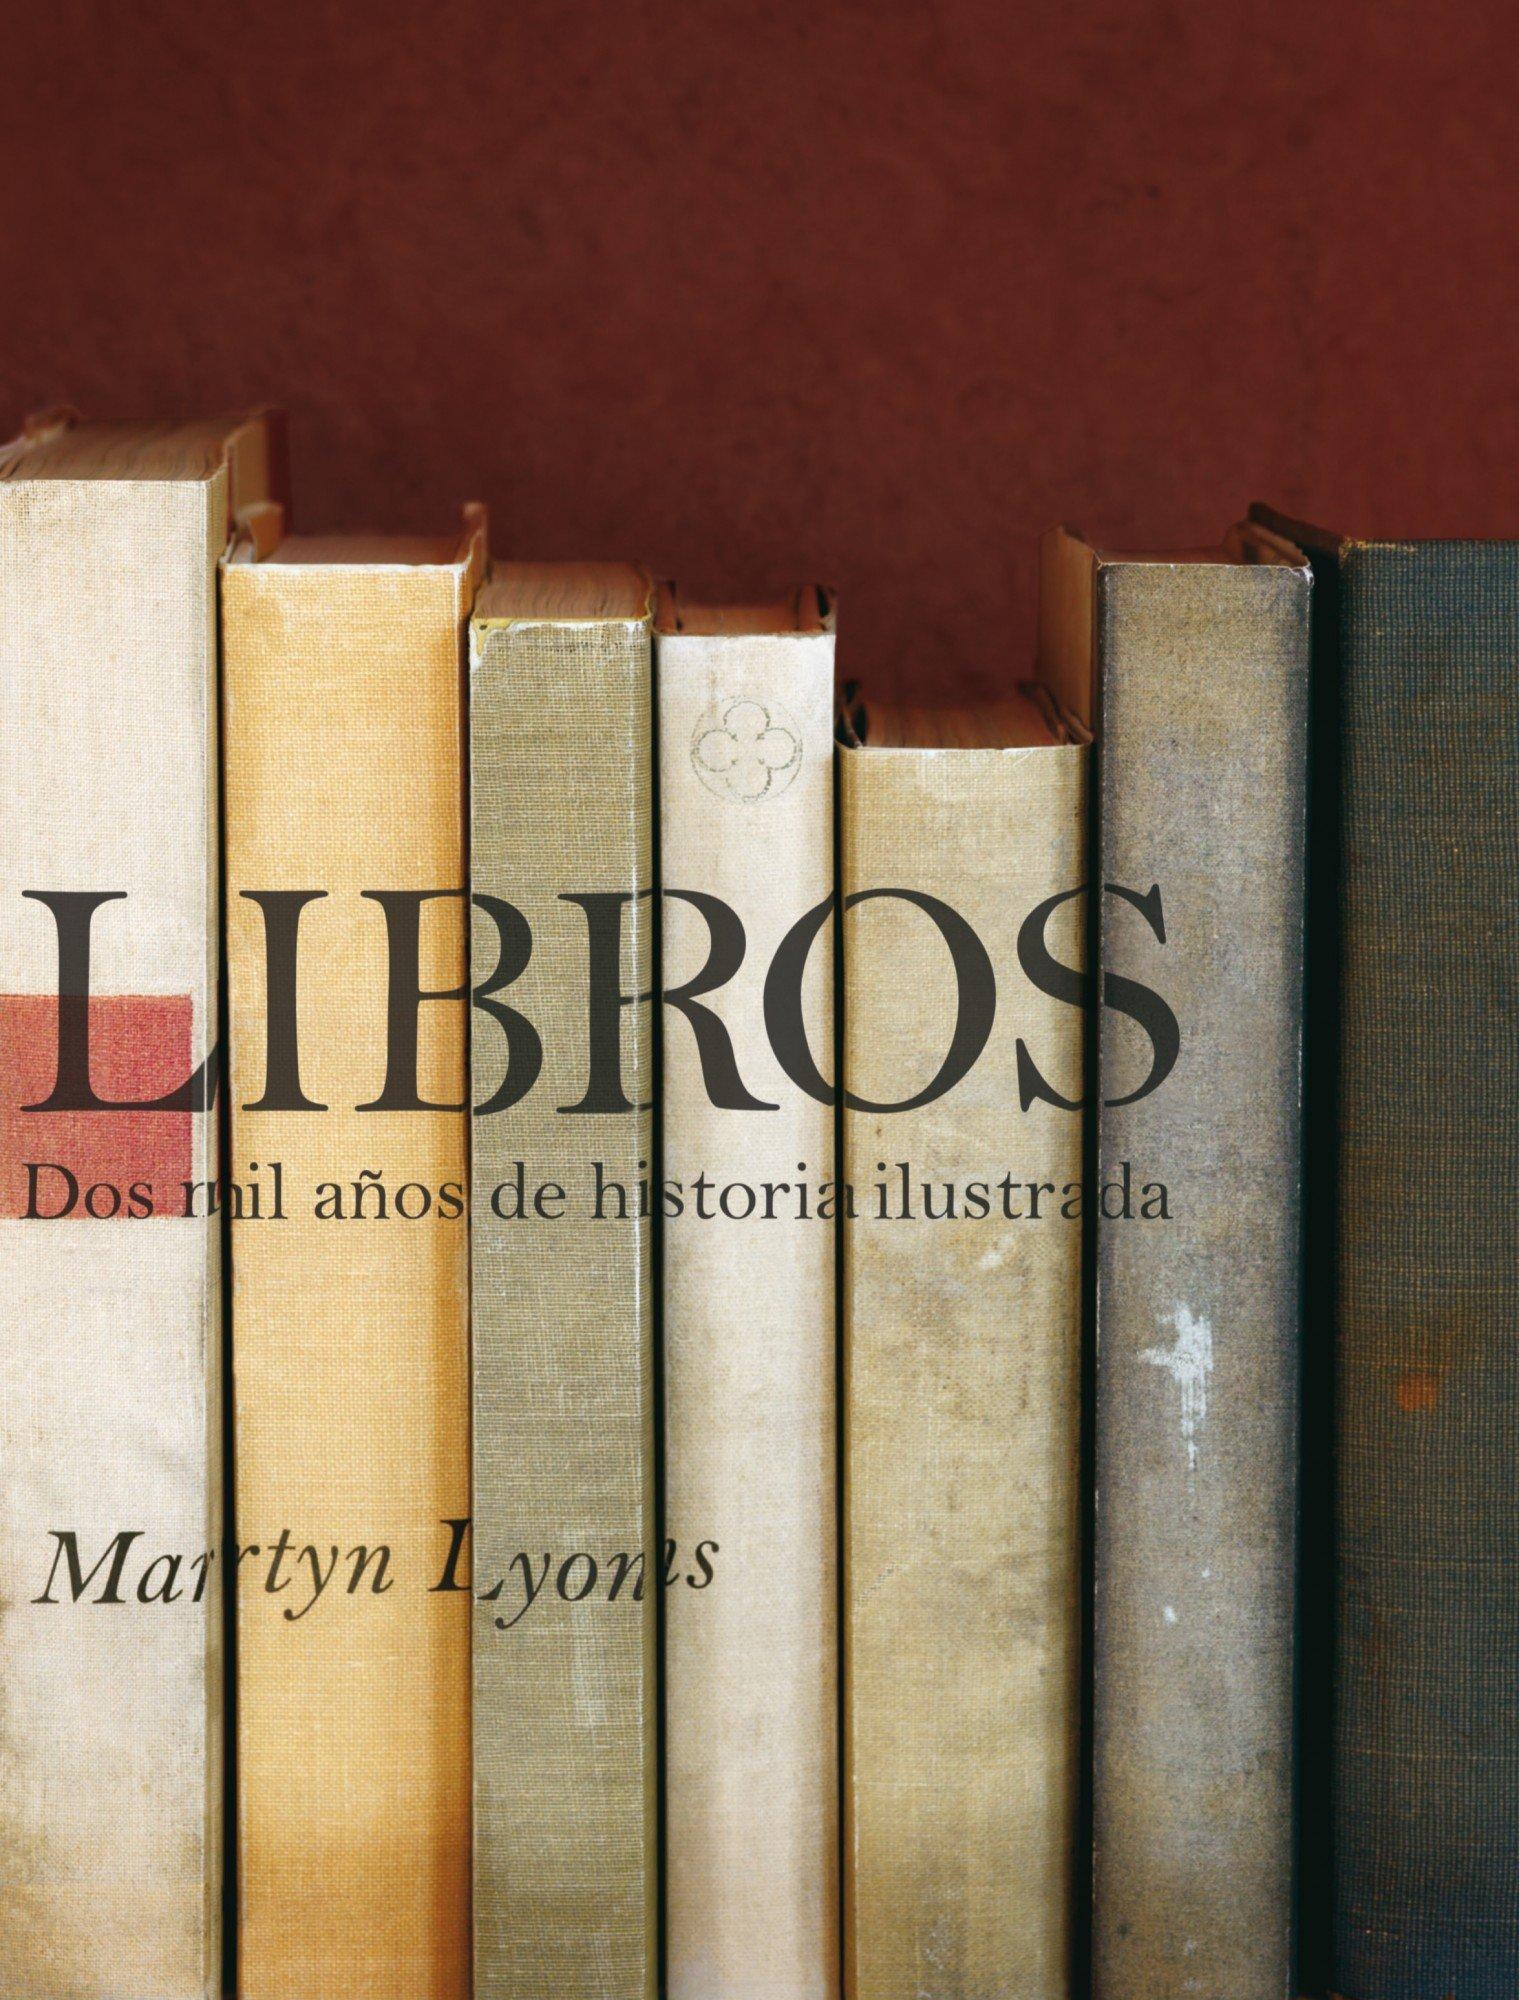 Libros. Dos mil años de historia ilustrada (General) Tapa dura – 18 oct 2011 AA. VV. Lunwerg Editores 8497857364 1878565